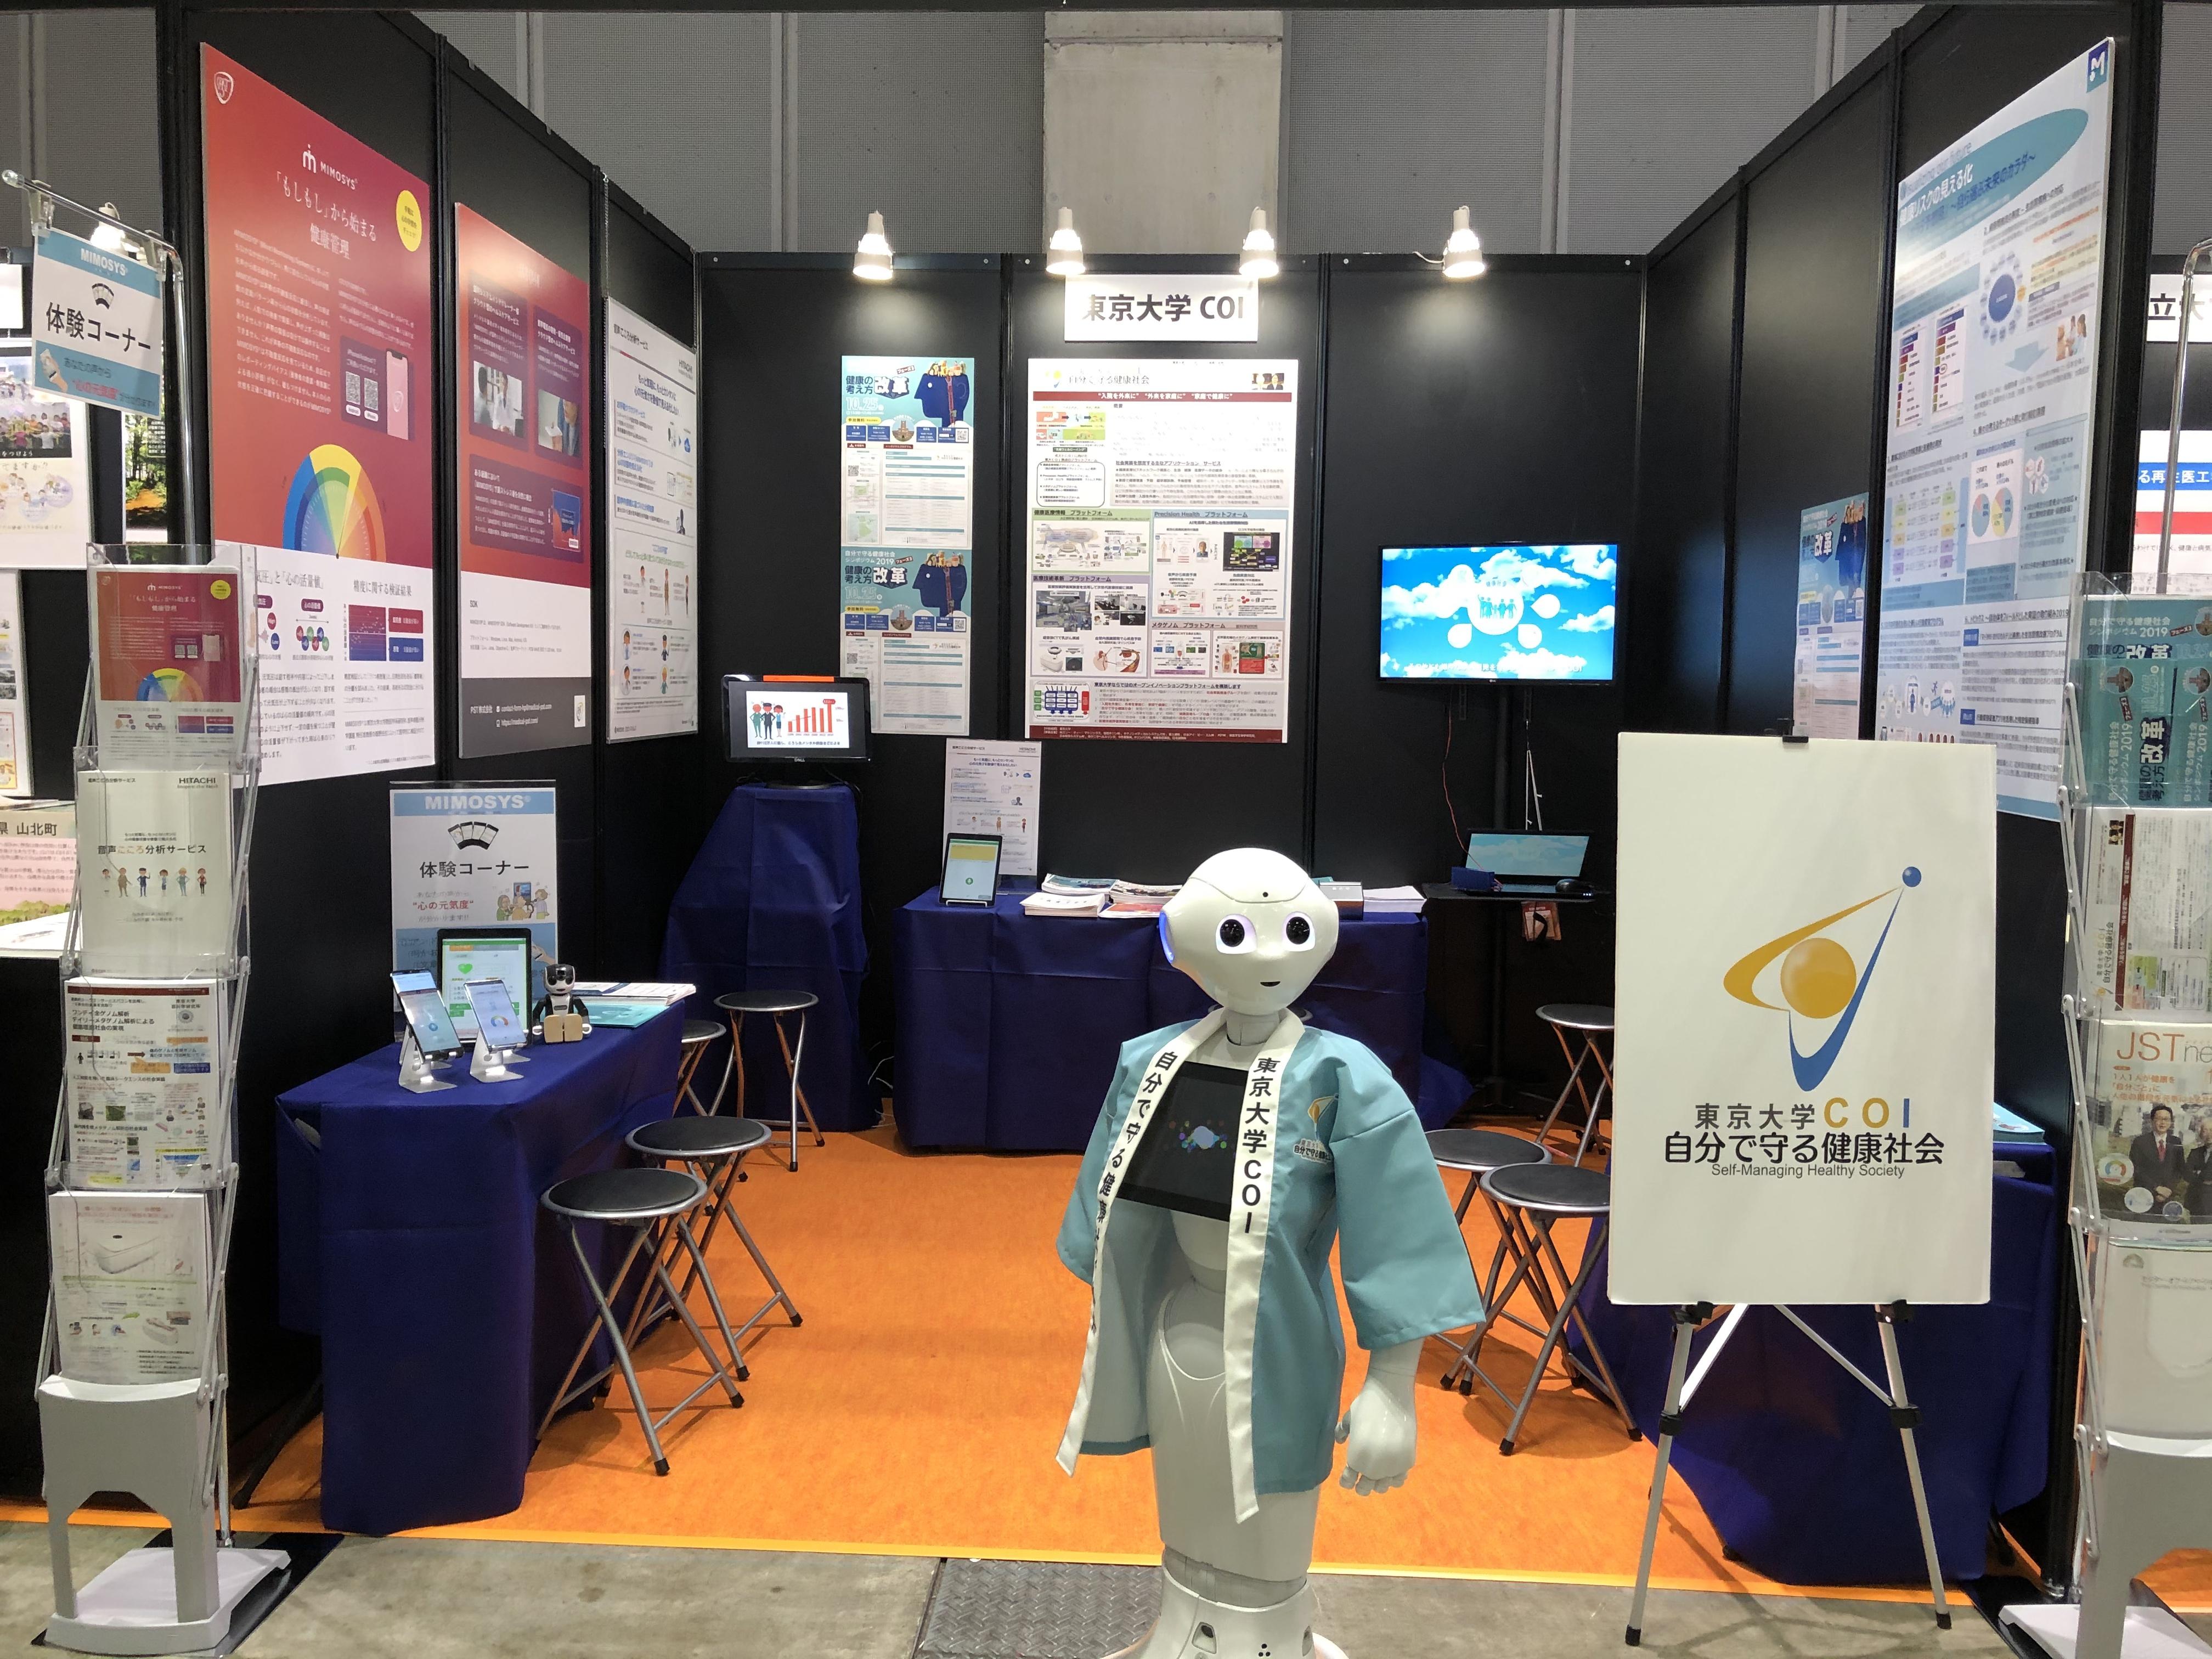 神奈川県主催ME-BYO Japan2019に出展します。(10月9日〜11日、パシフィコ横浜展示ホールD)